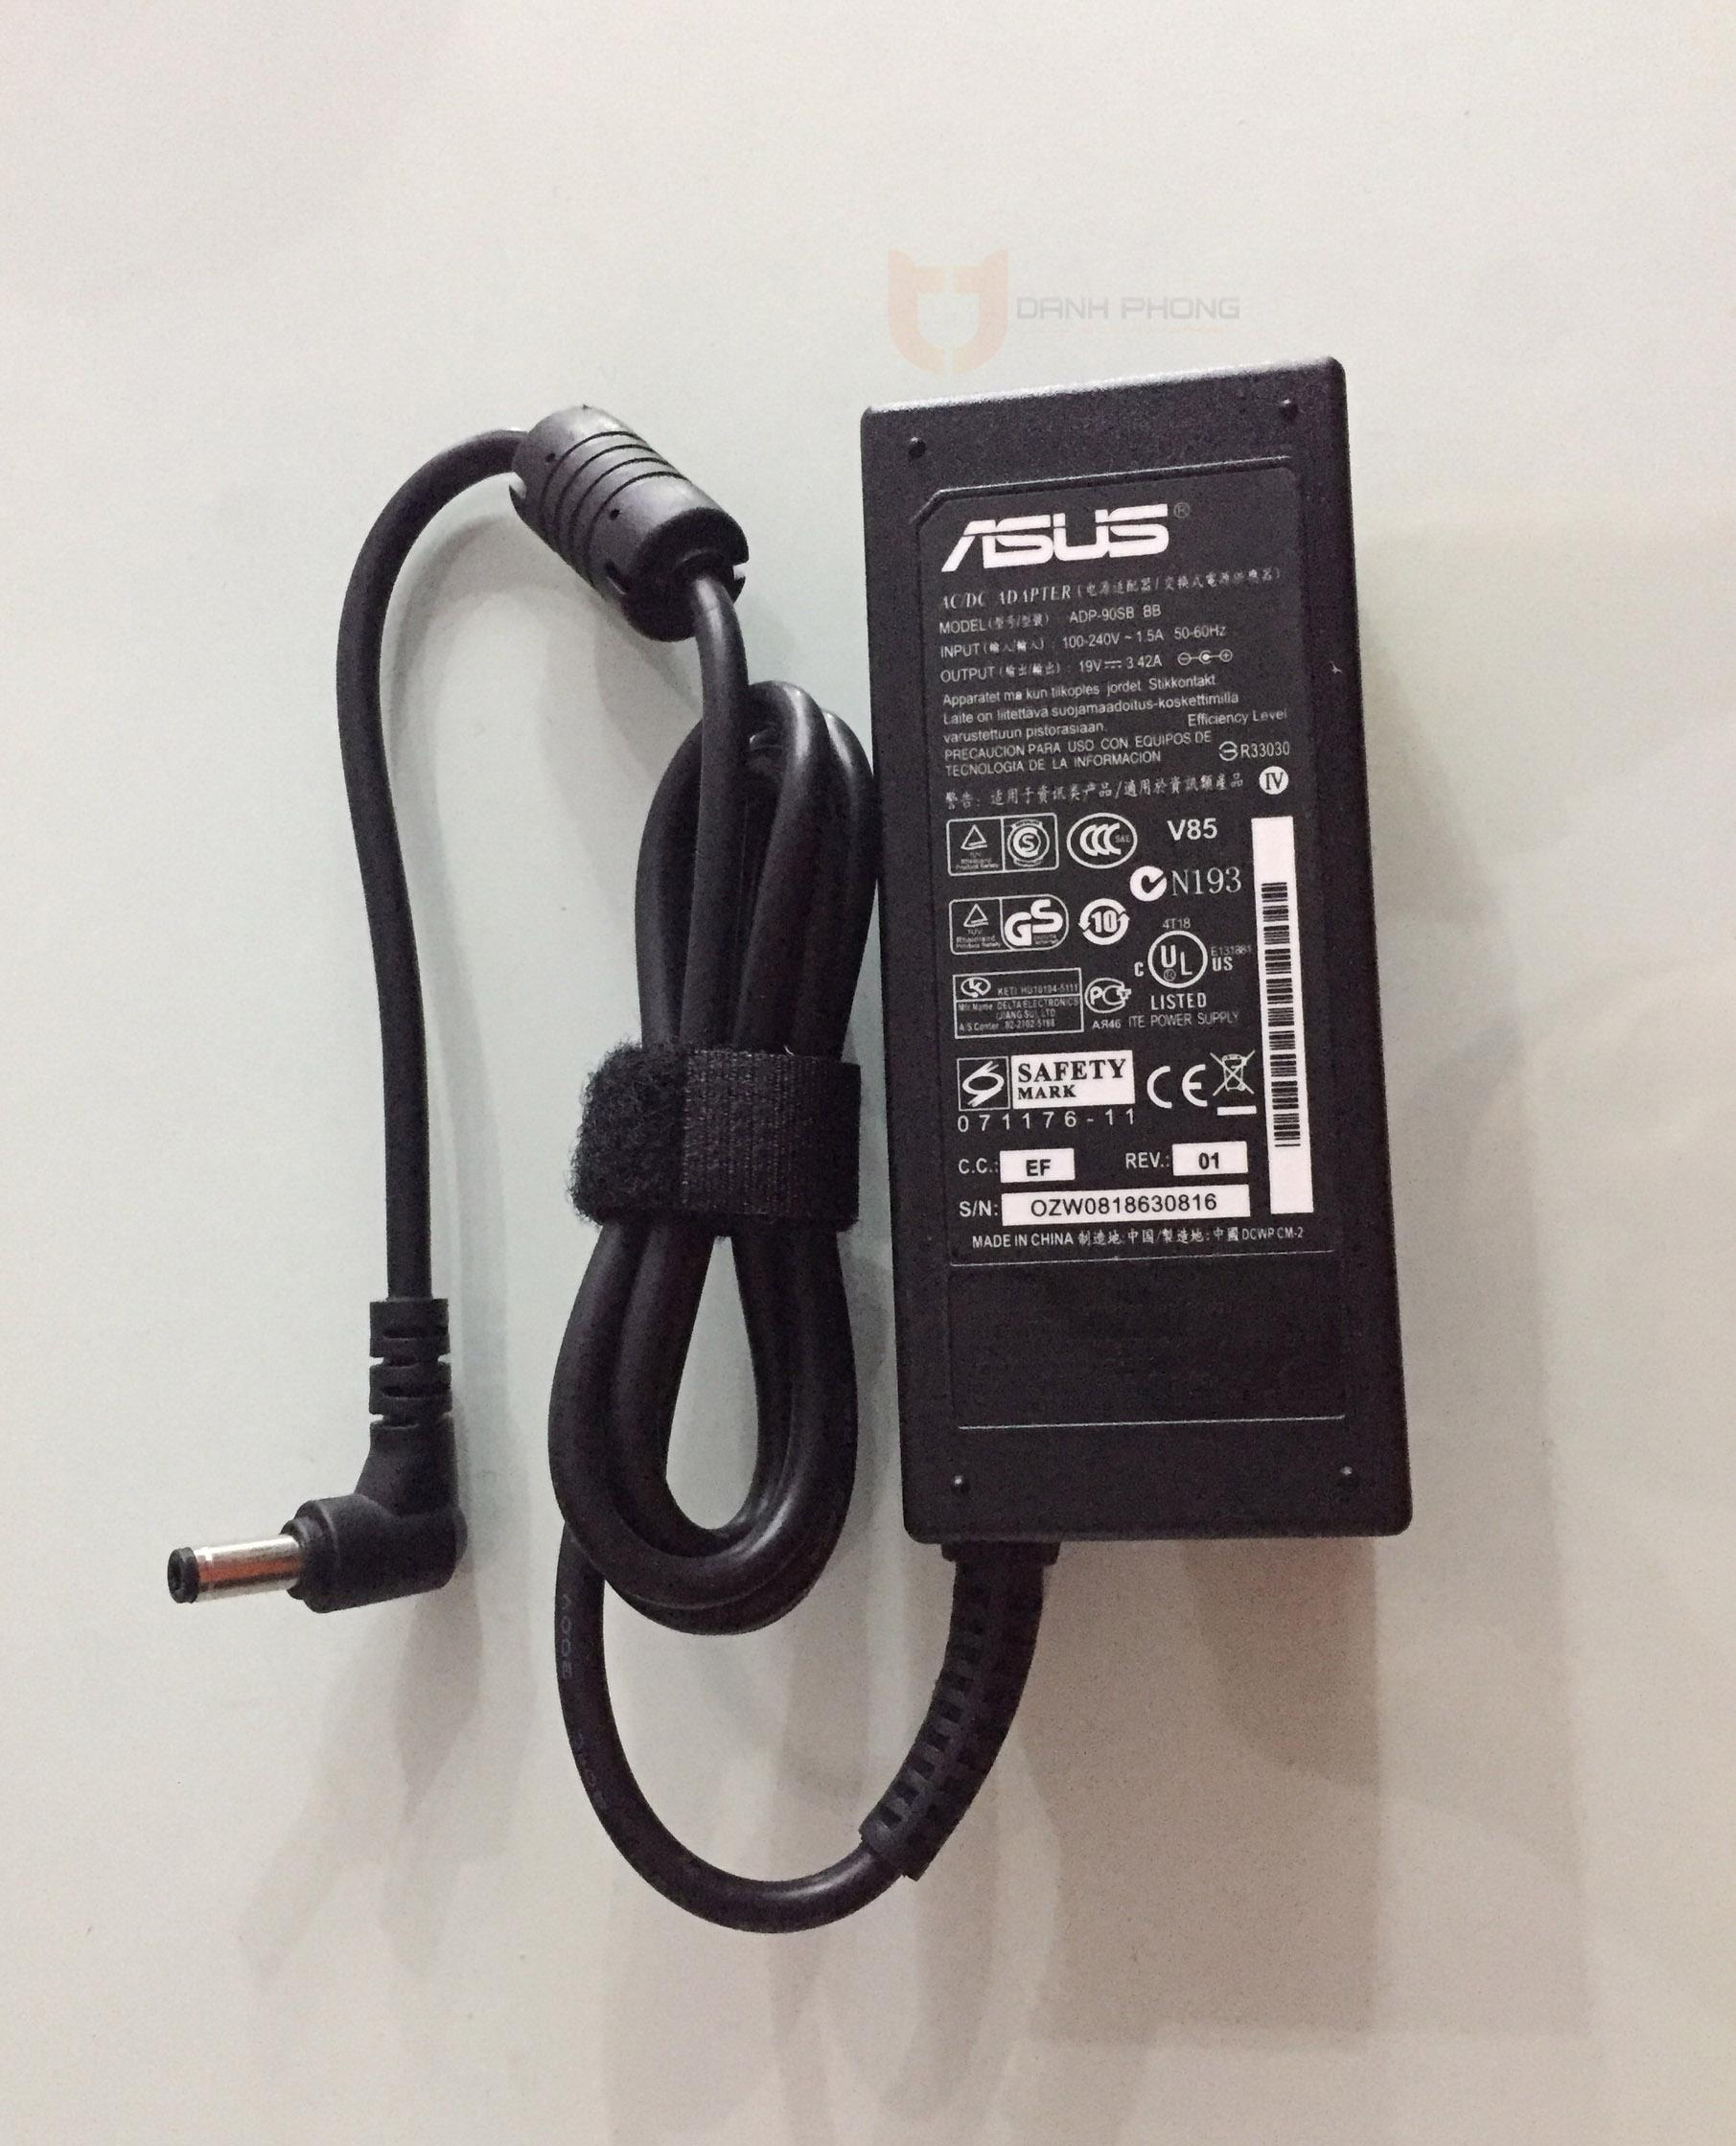 Sạc Laptop Asus 19V - 3.42A | Laptop Danh Phong